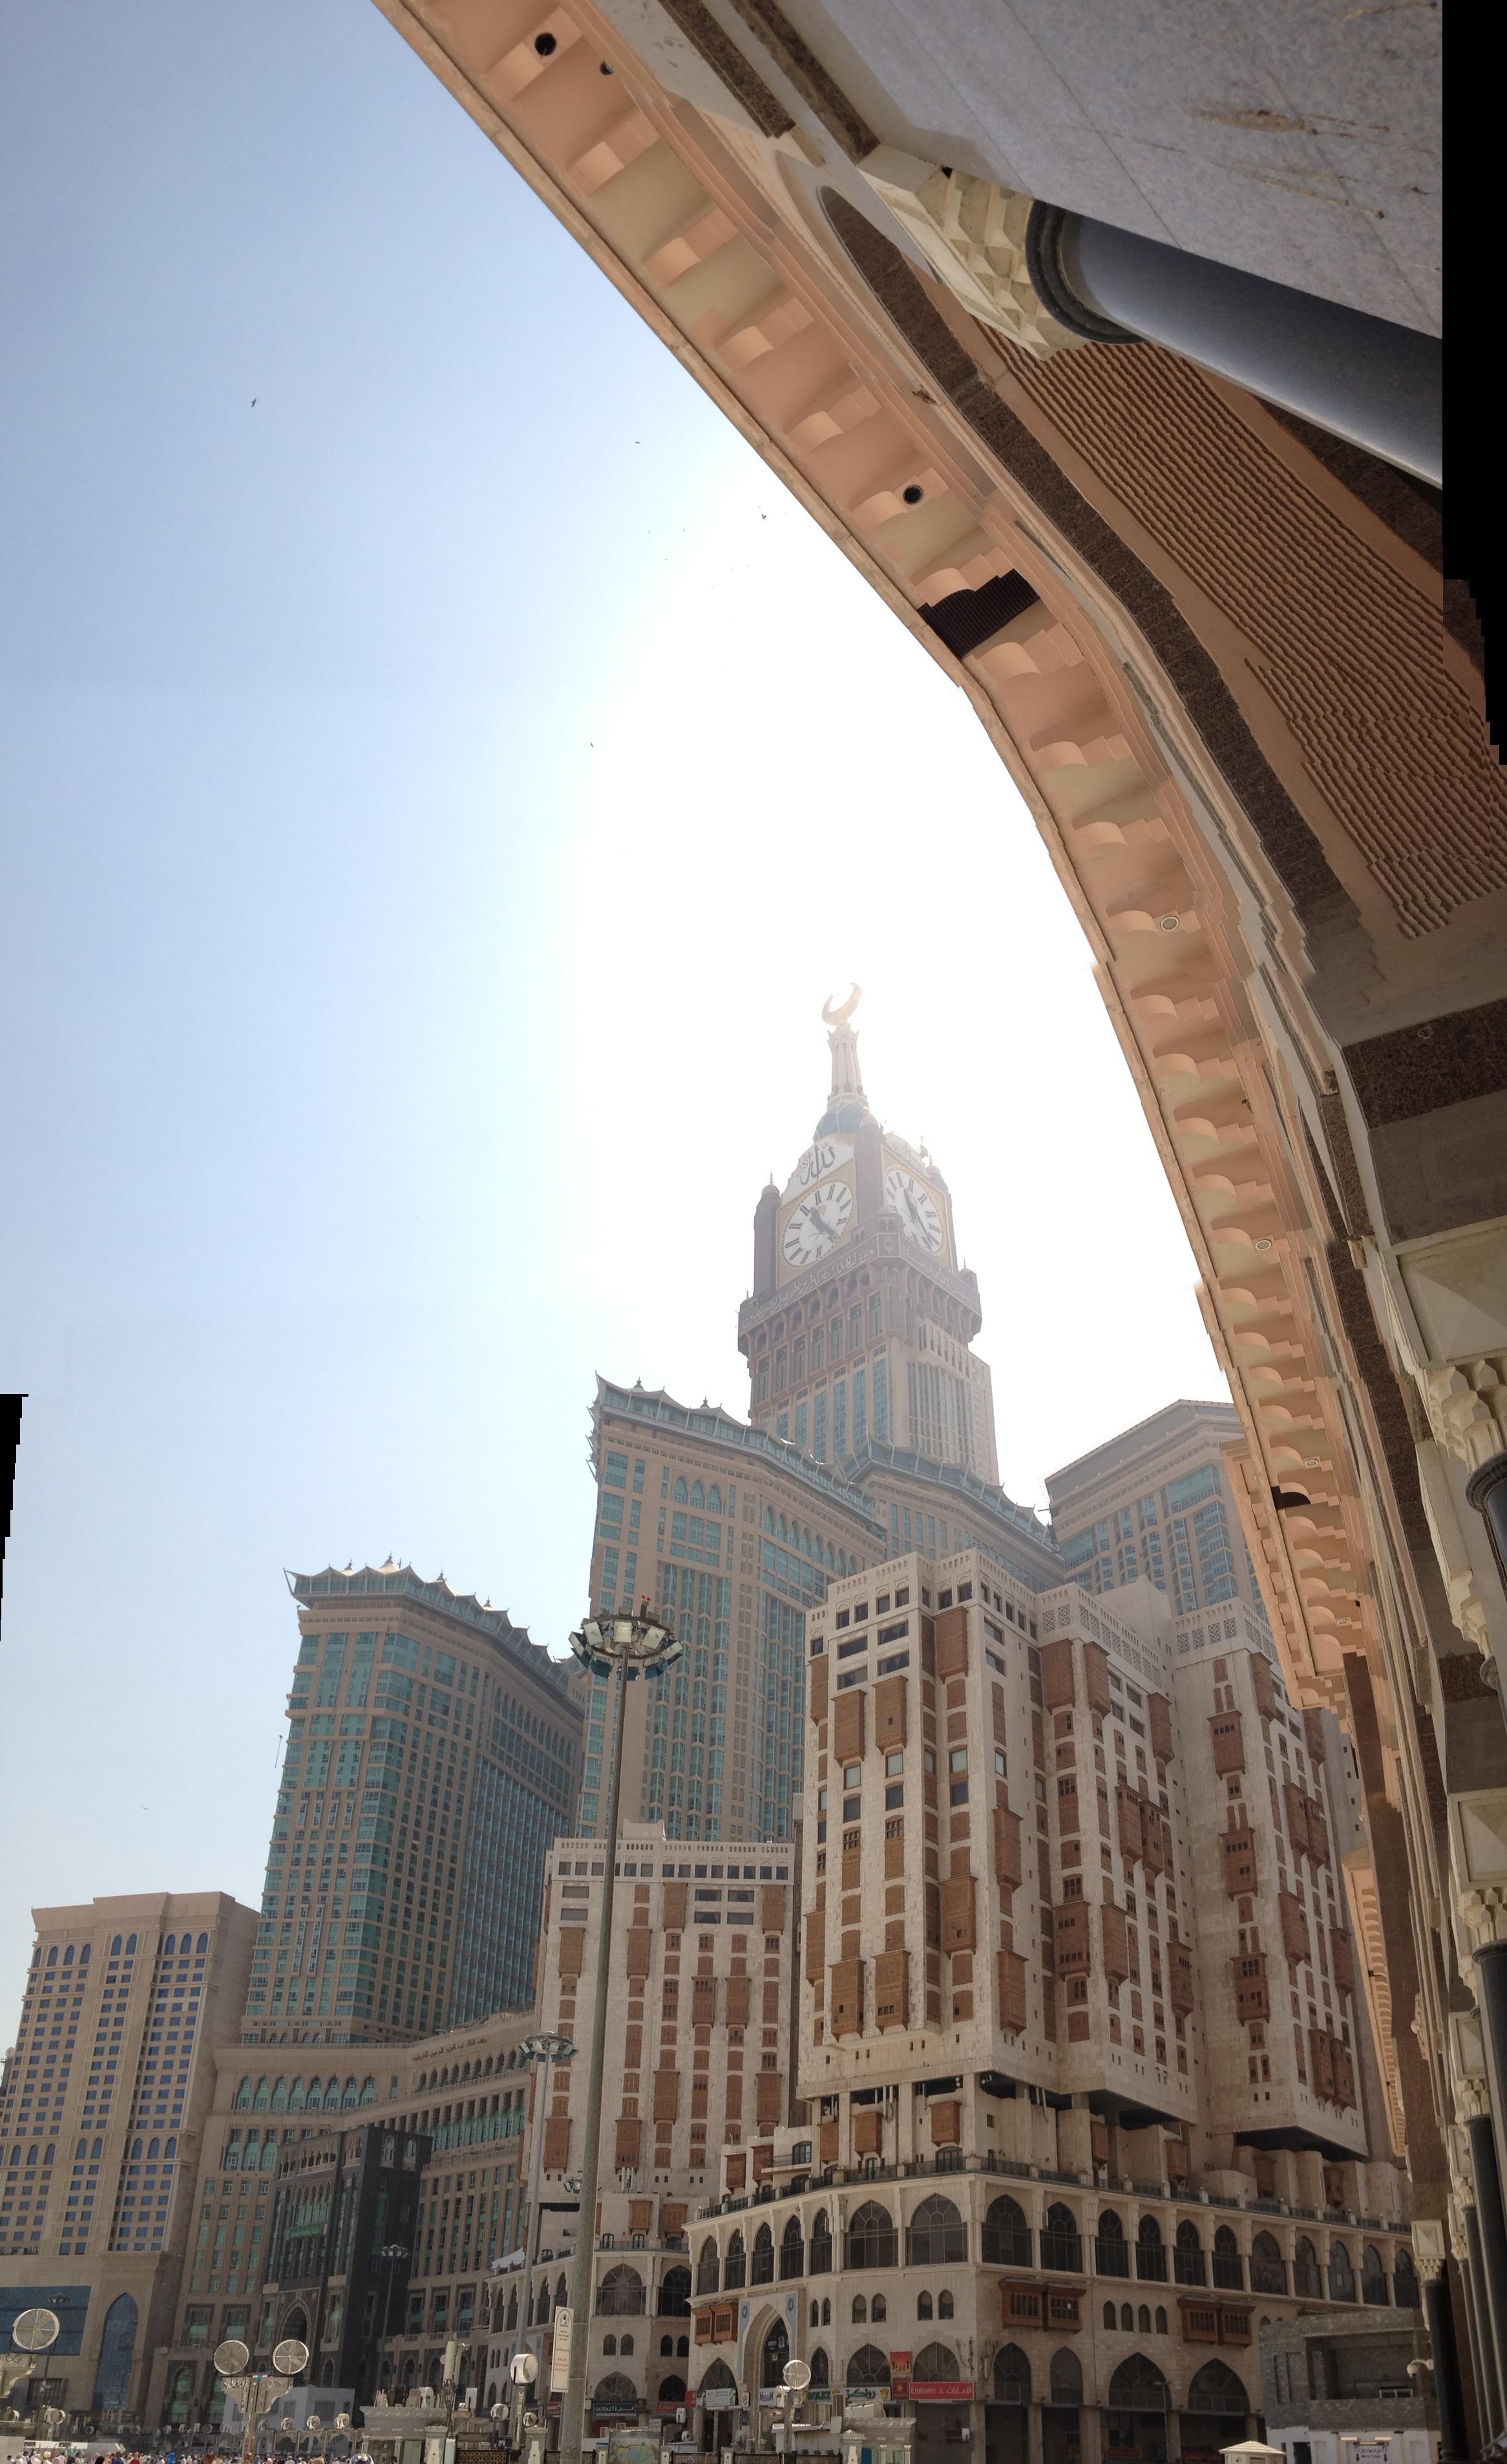 Makkah Royal Clock Tower 2